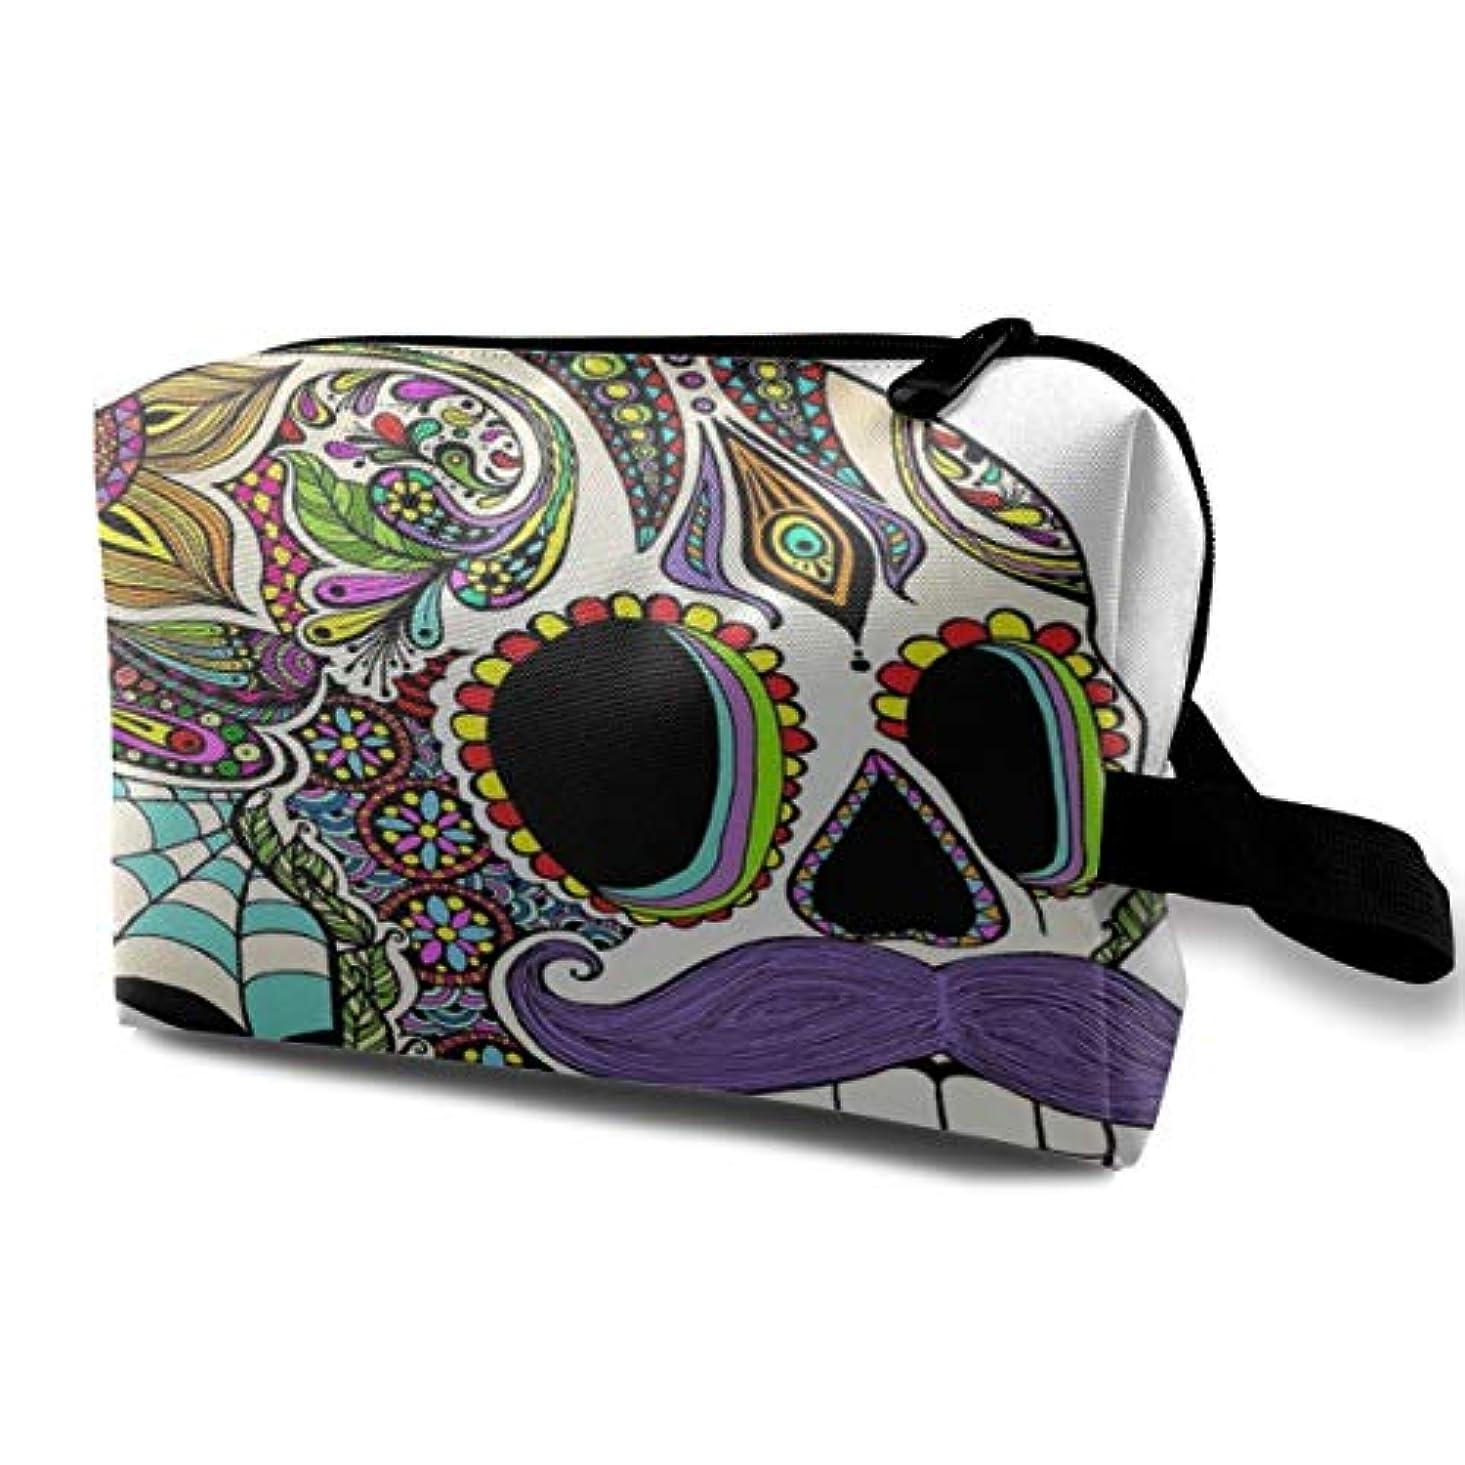 手首バッテリー大砲Colorful Aztec Skull Sugar Skull 収納ポーチ 化粧ポーチ 大容量 軽量 耐久性 ハンドル付持ち運び便利。入れ 自宅?出張?旅行?アウトドア撮影などに対応。メンズ レディース トラベルグッズ